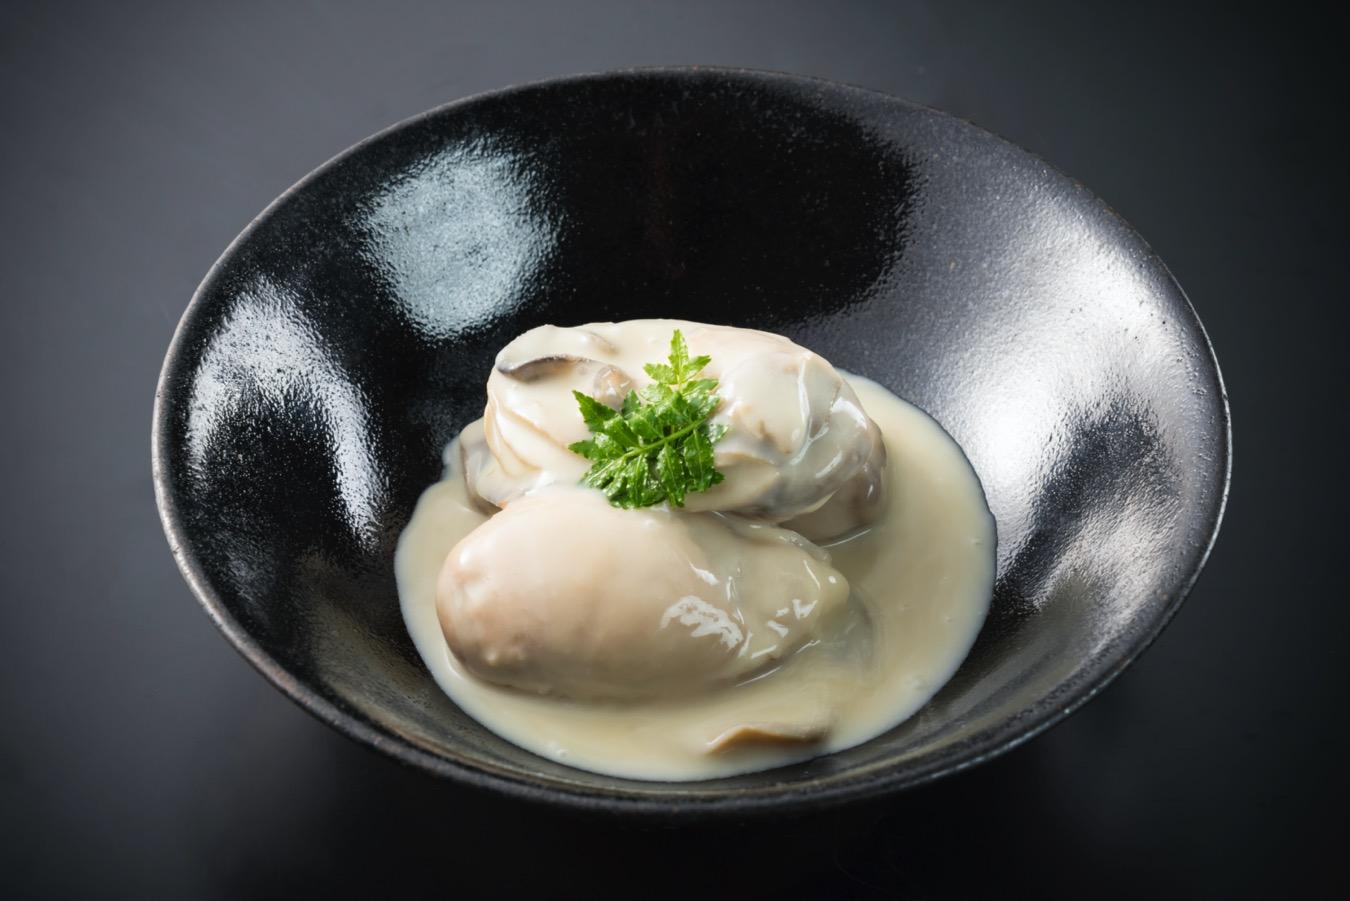 あん肝リエット・牡蠣の白味噌煮クリーム仕立て